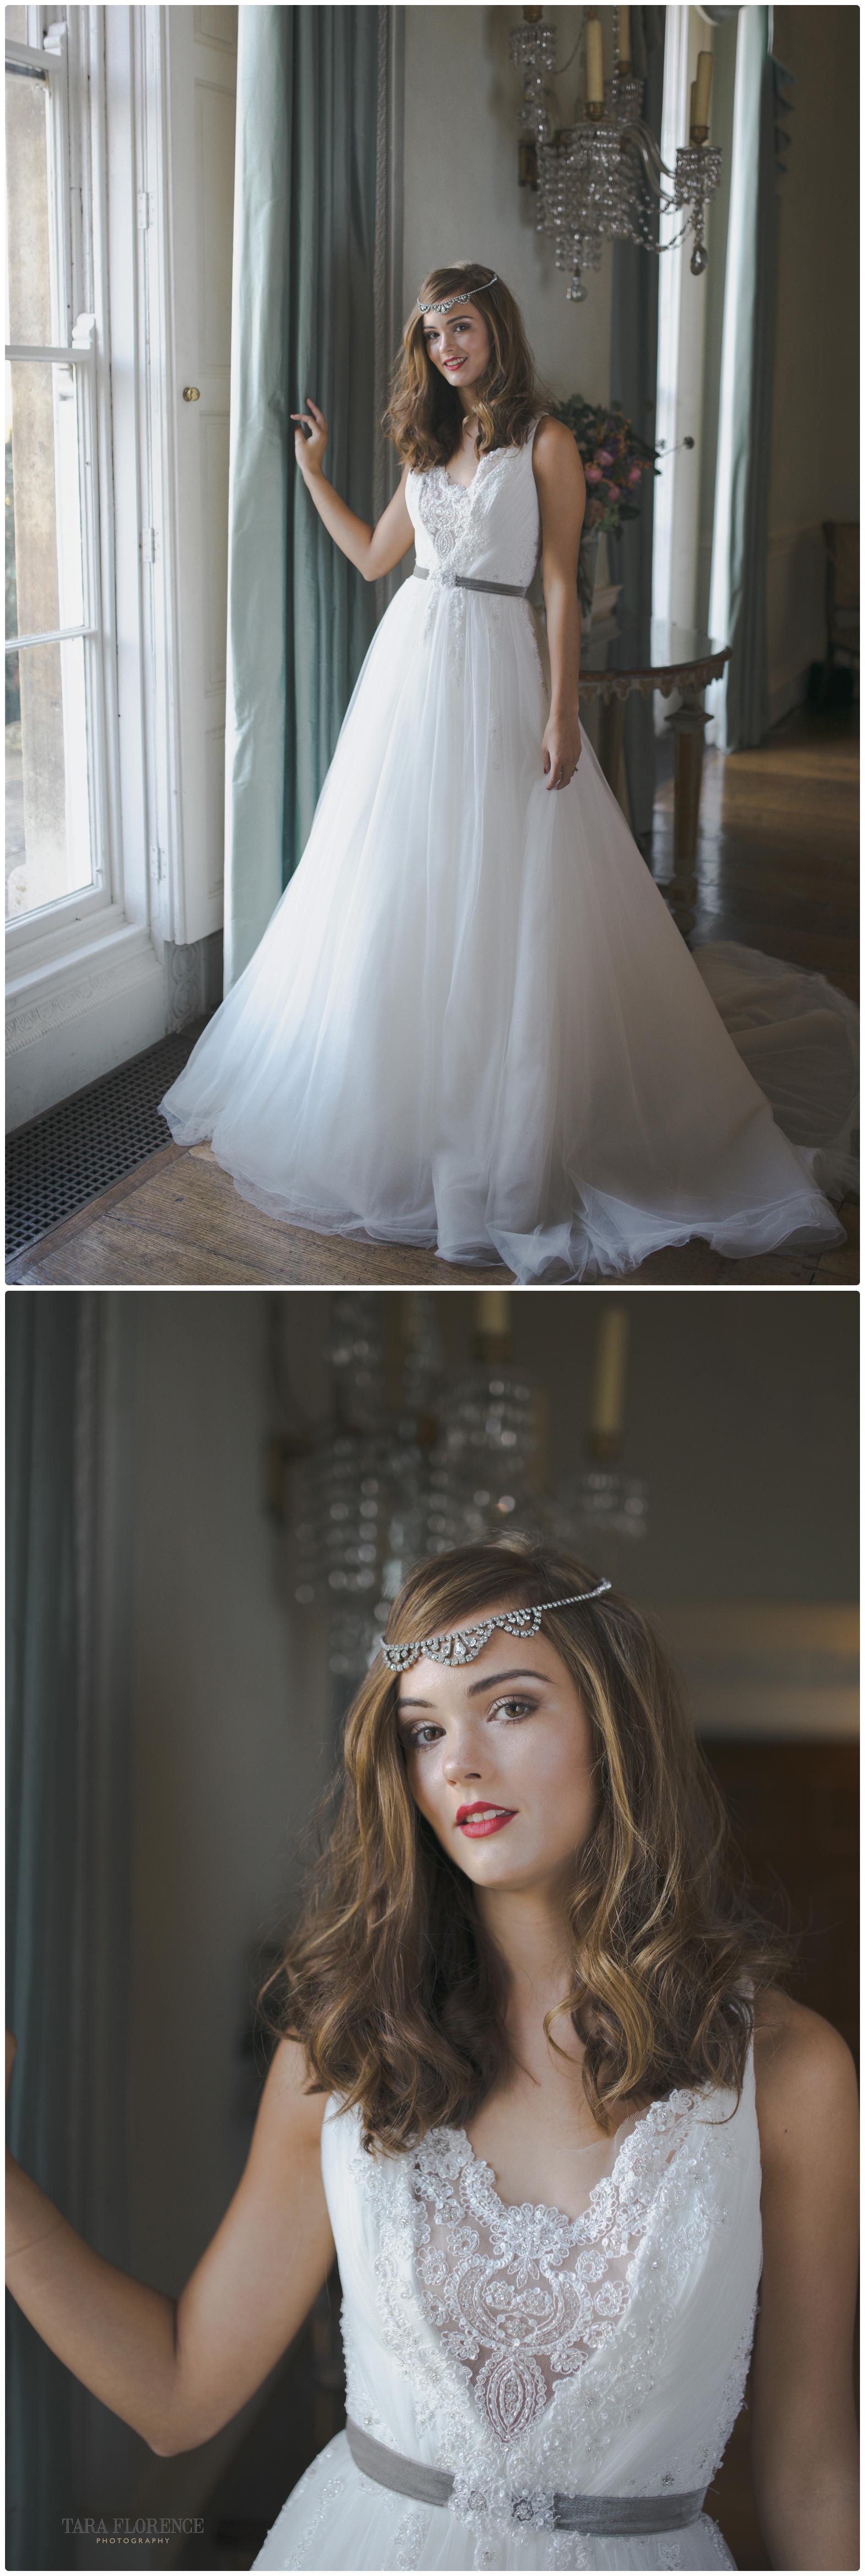 Kelmarsh-Fairytale-Wedding-5.jpg